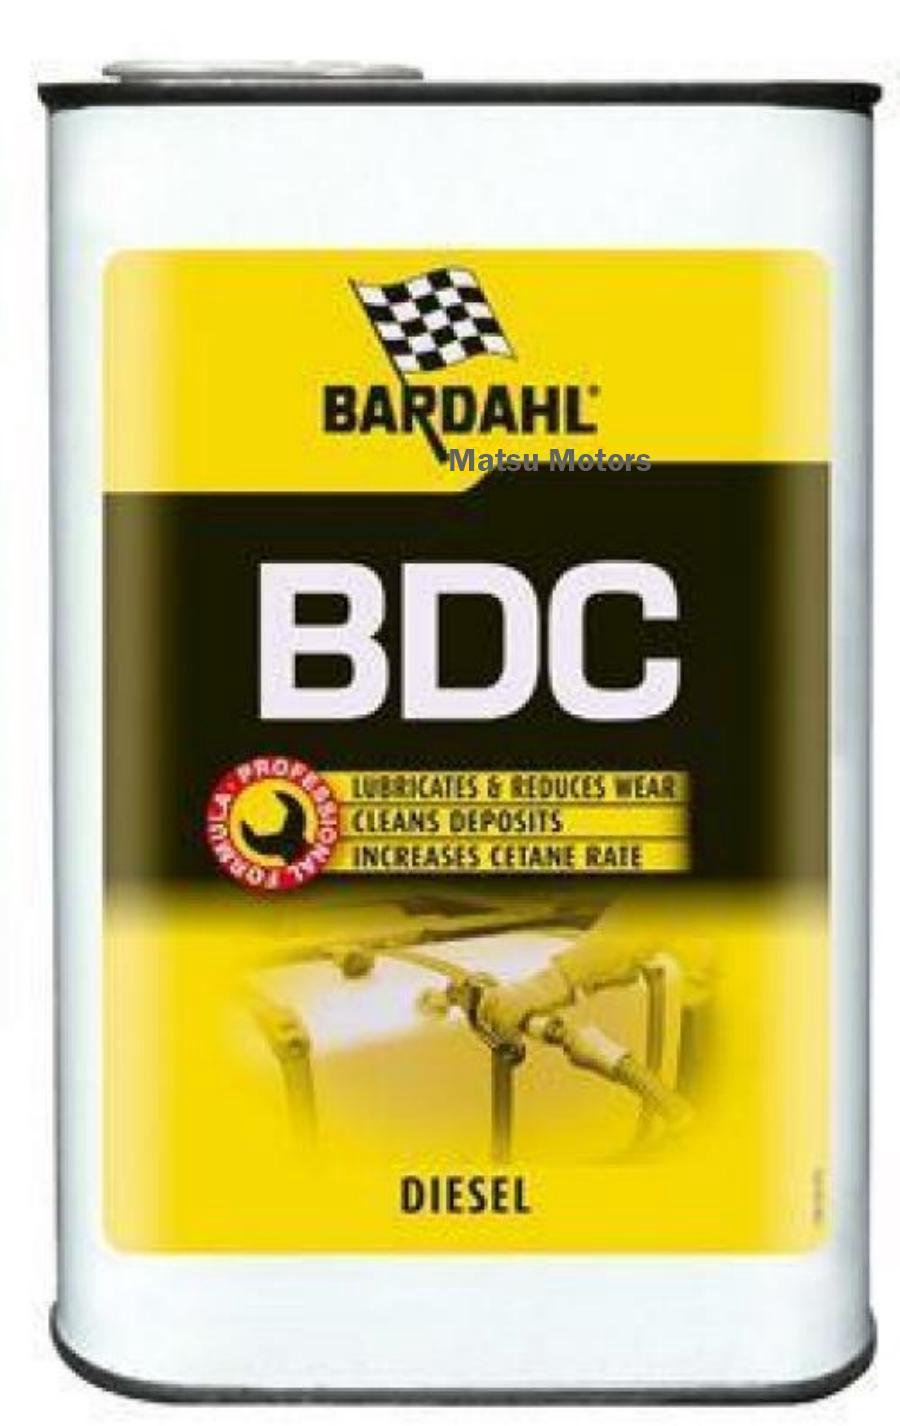 BDC BARDAHL DIESEL COMBUSTION 1литр - Присатка в диз. топливо многофункциональная (лето-зима)